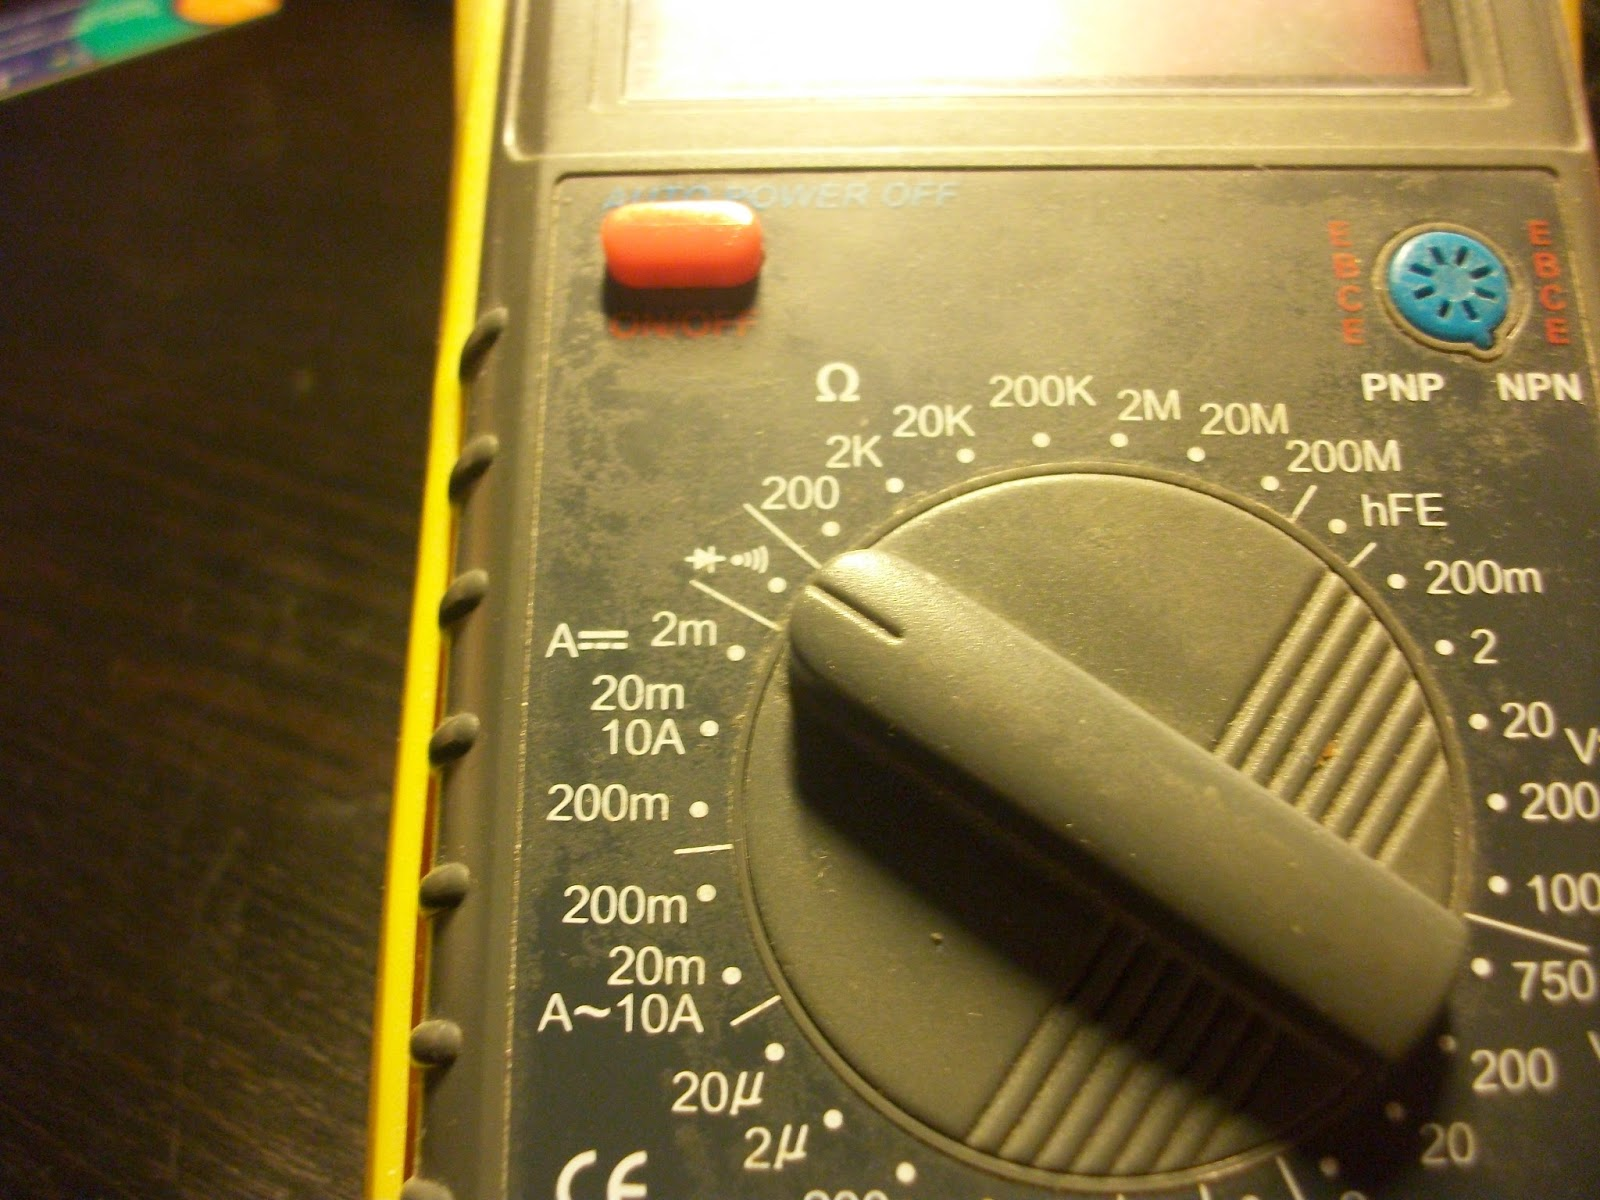 Temporizador Ne555 Practicas De Electrnica 555 Descarga Calculador Frecuencia El Comprobador Diodos Funciona Manera Que Proporciona Una Tensin Continua Alimentacin Para Poder As Comprobar Funcionamiento Del Mismo